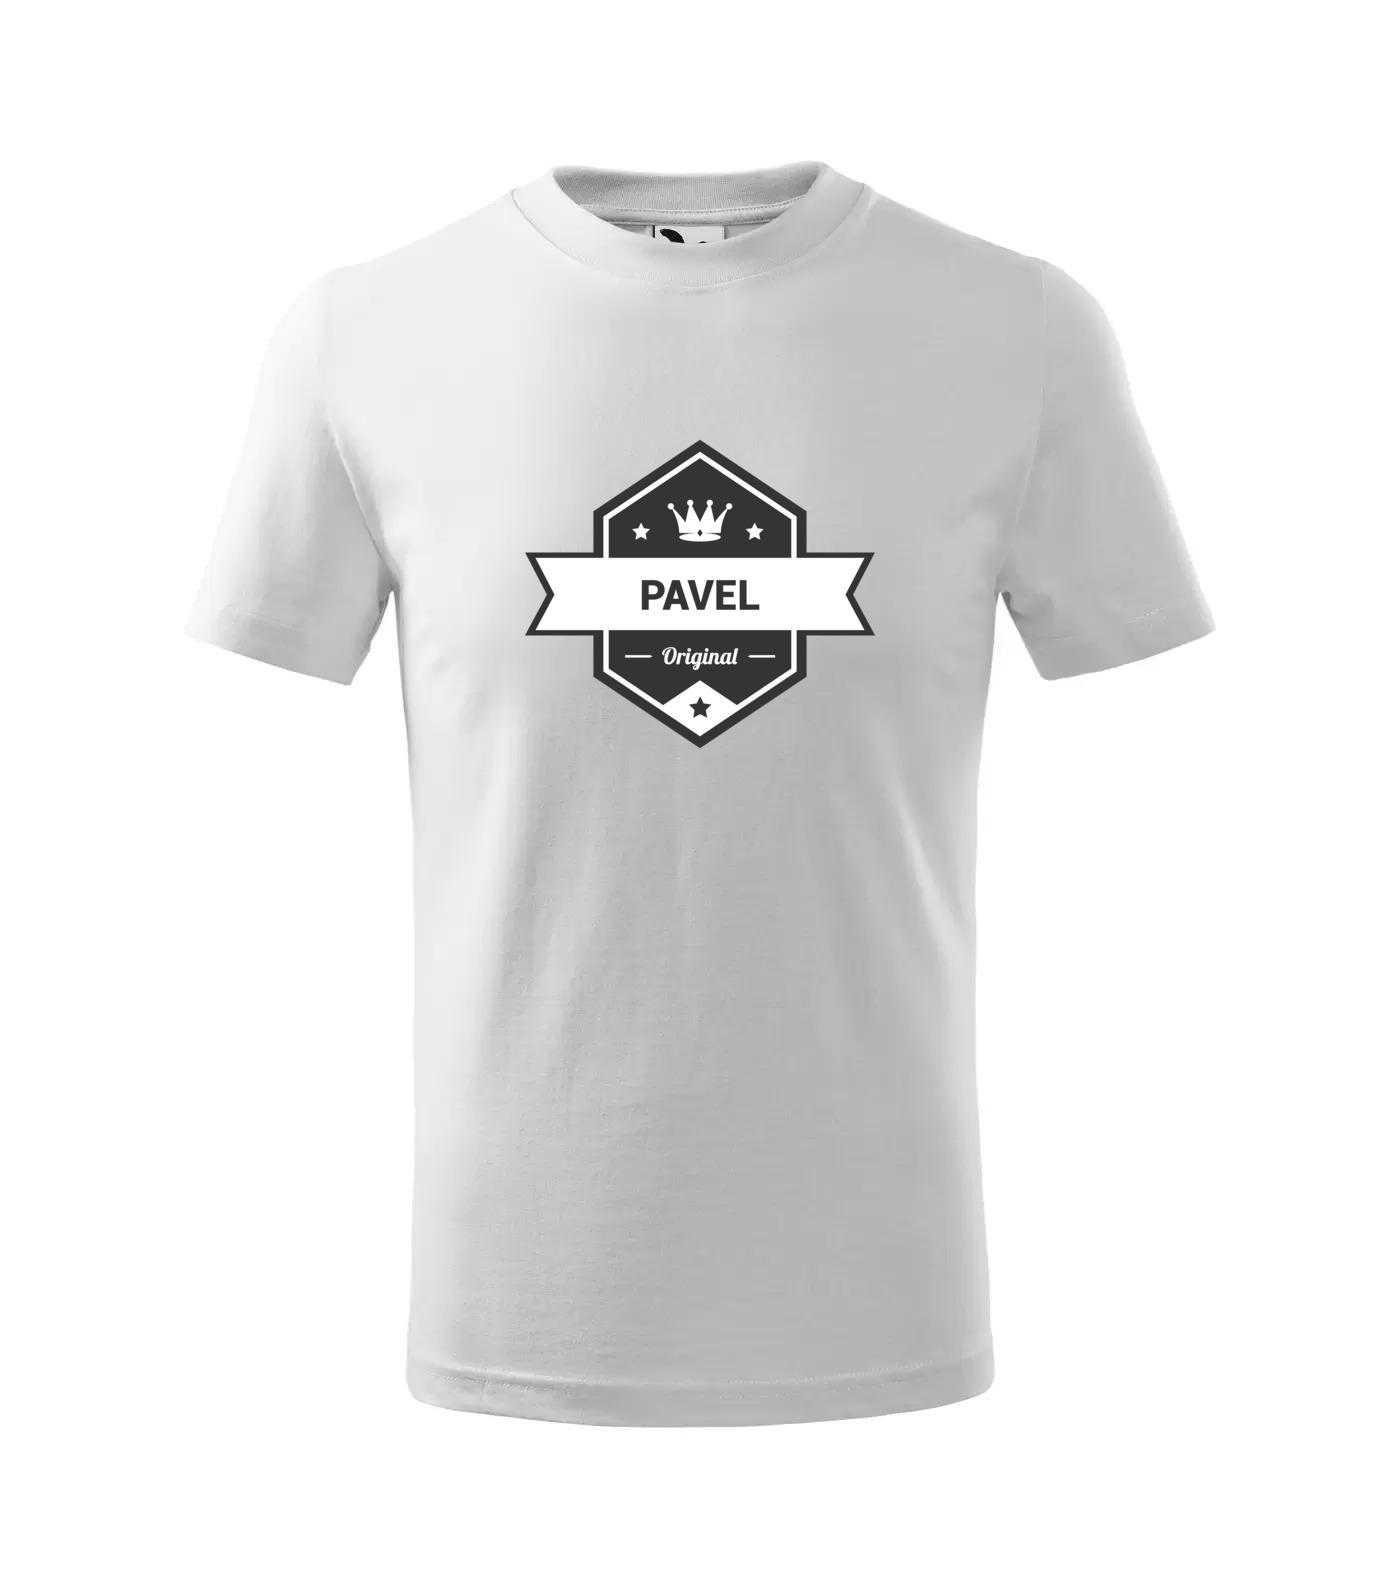 Tričko King Pavel